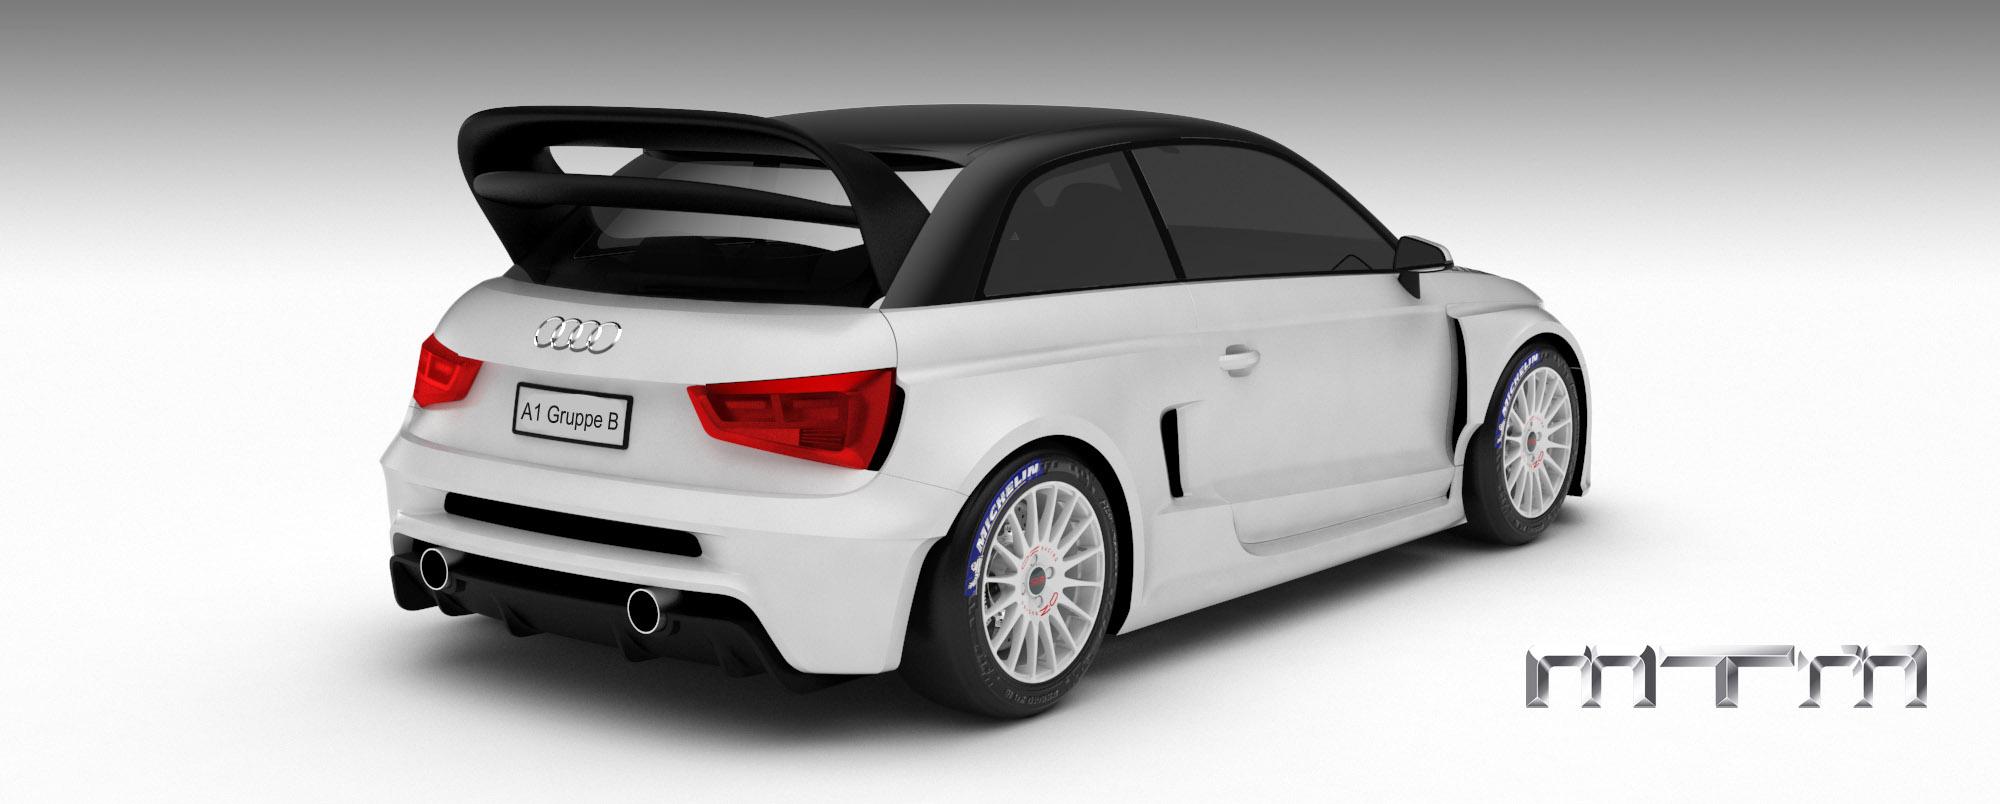 MTM Audi A1 quattro nardo edition - фотография №3